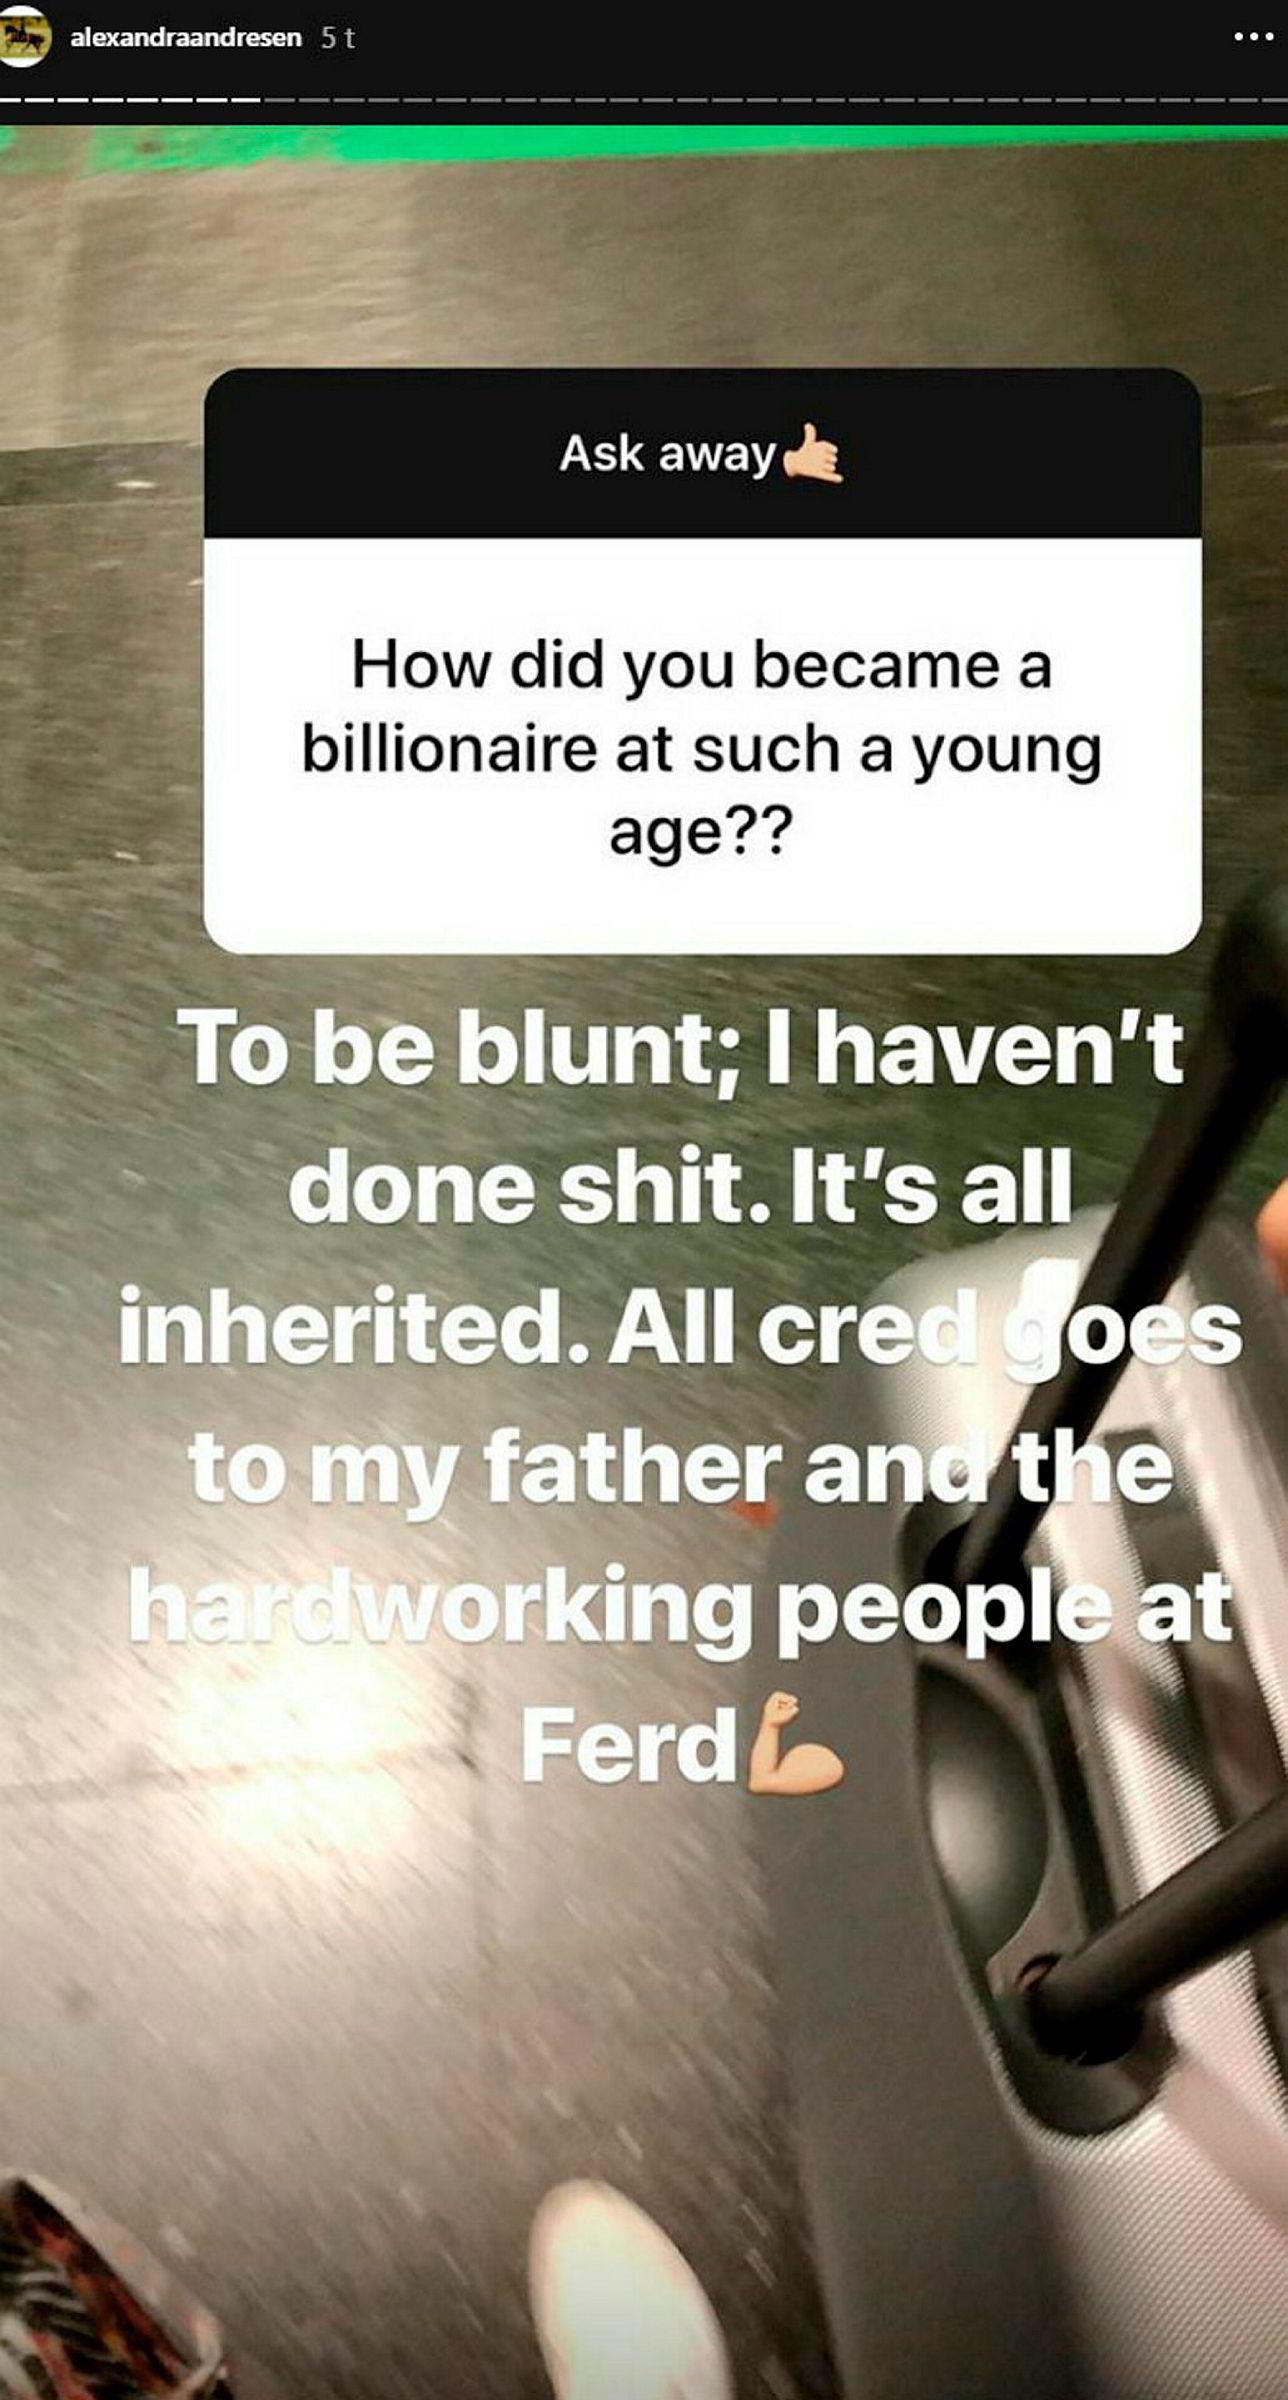 Skjermdump av Alexandra Andresens Instagram-story.